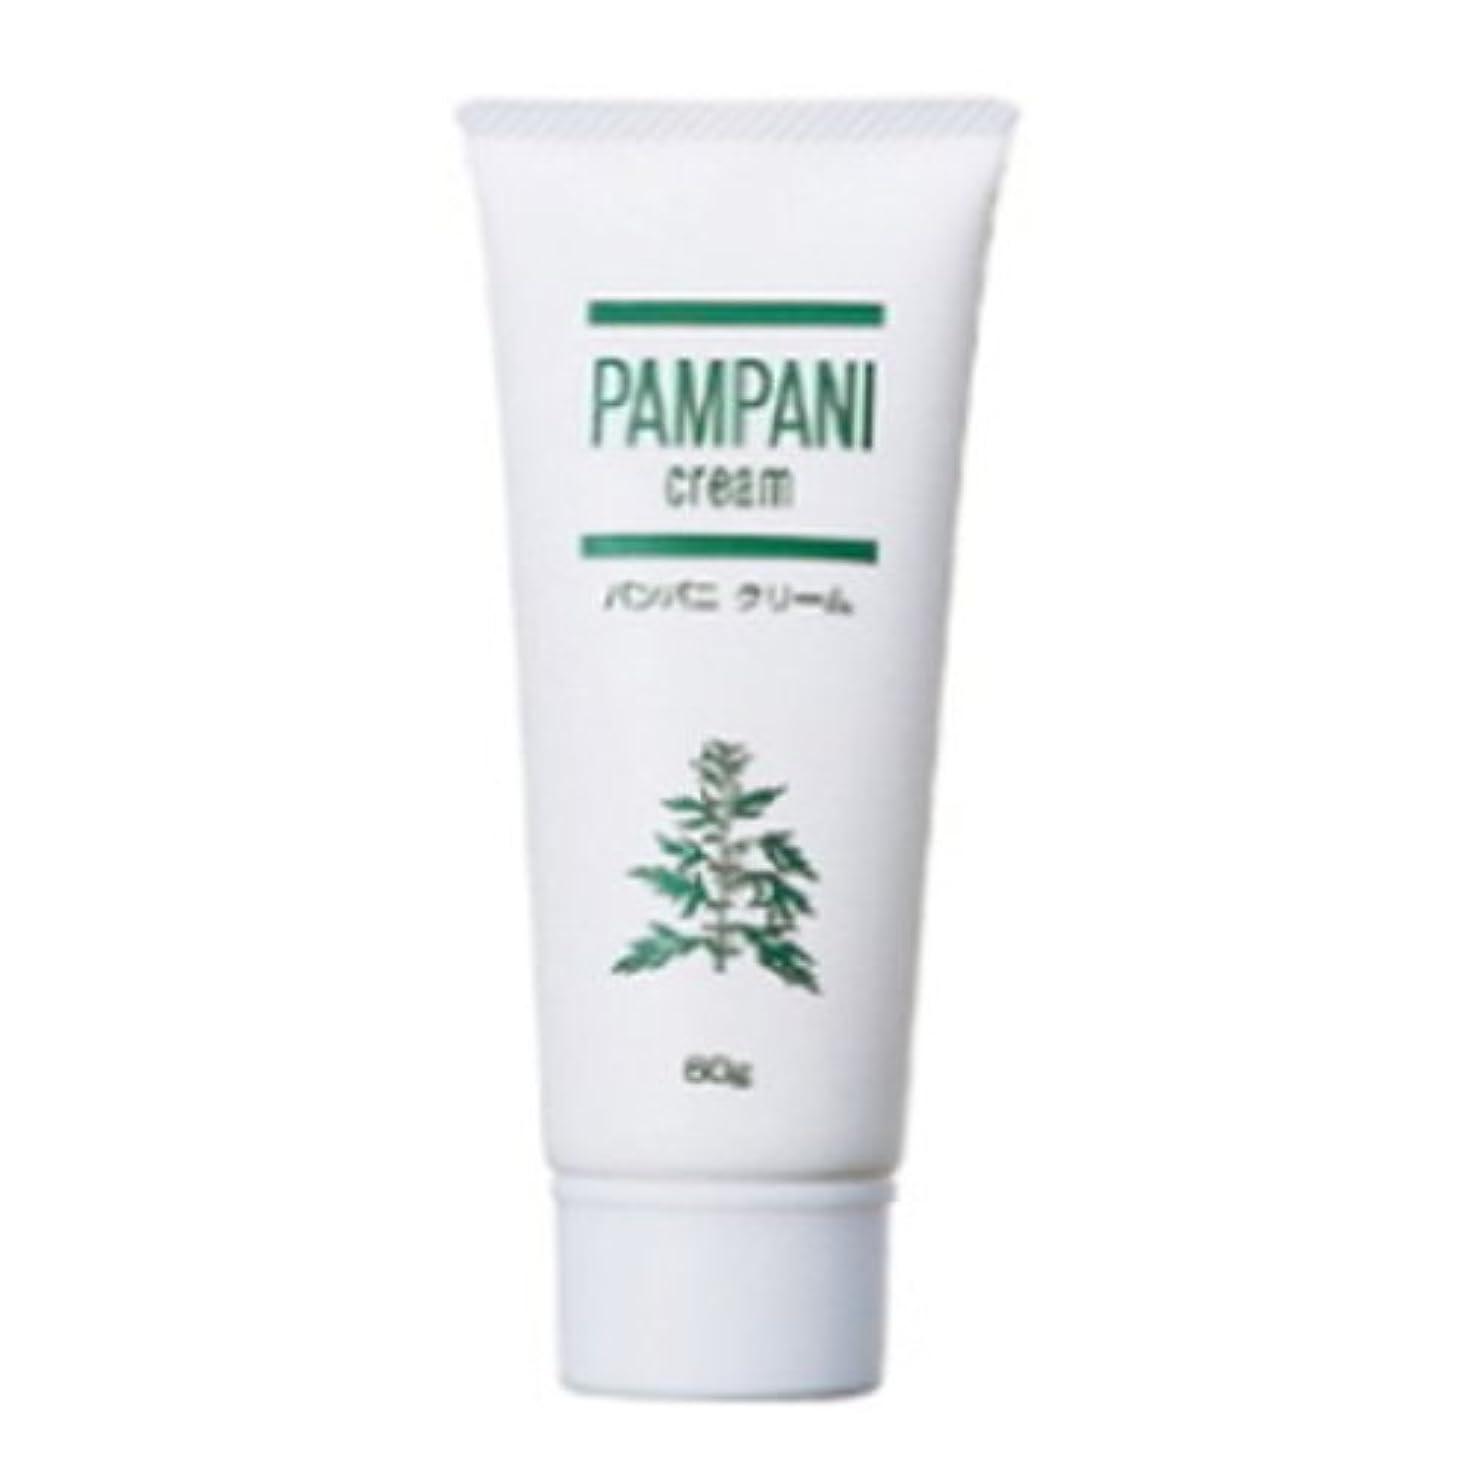 中央世界的に不十分パンパニ(PAMPANI) クリーム 60g